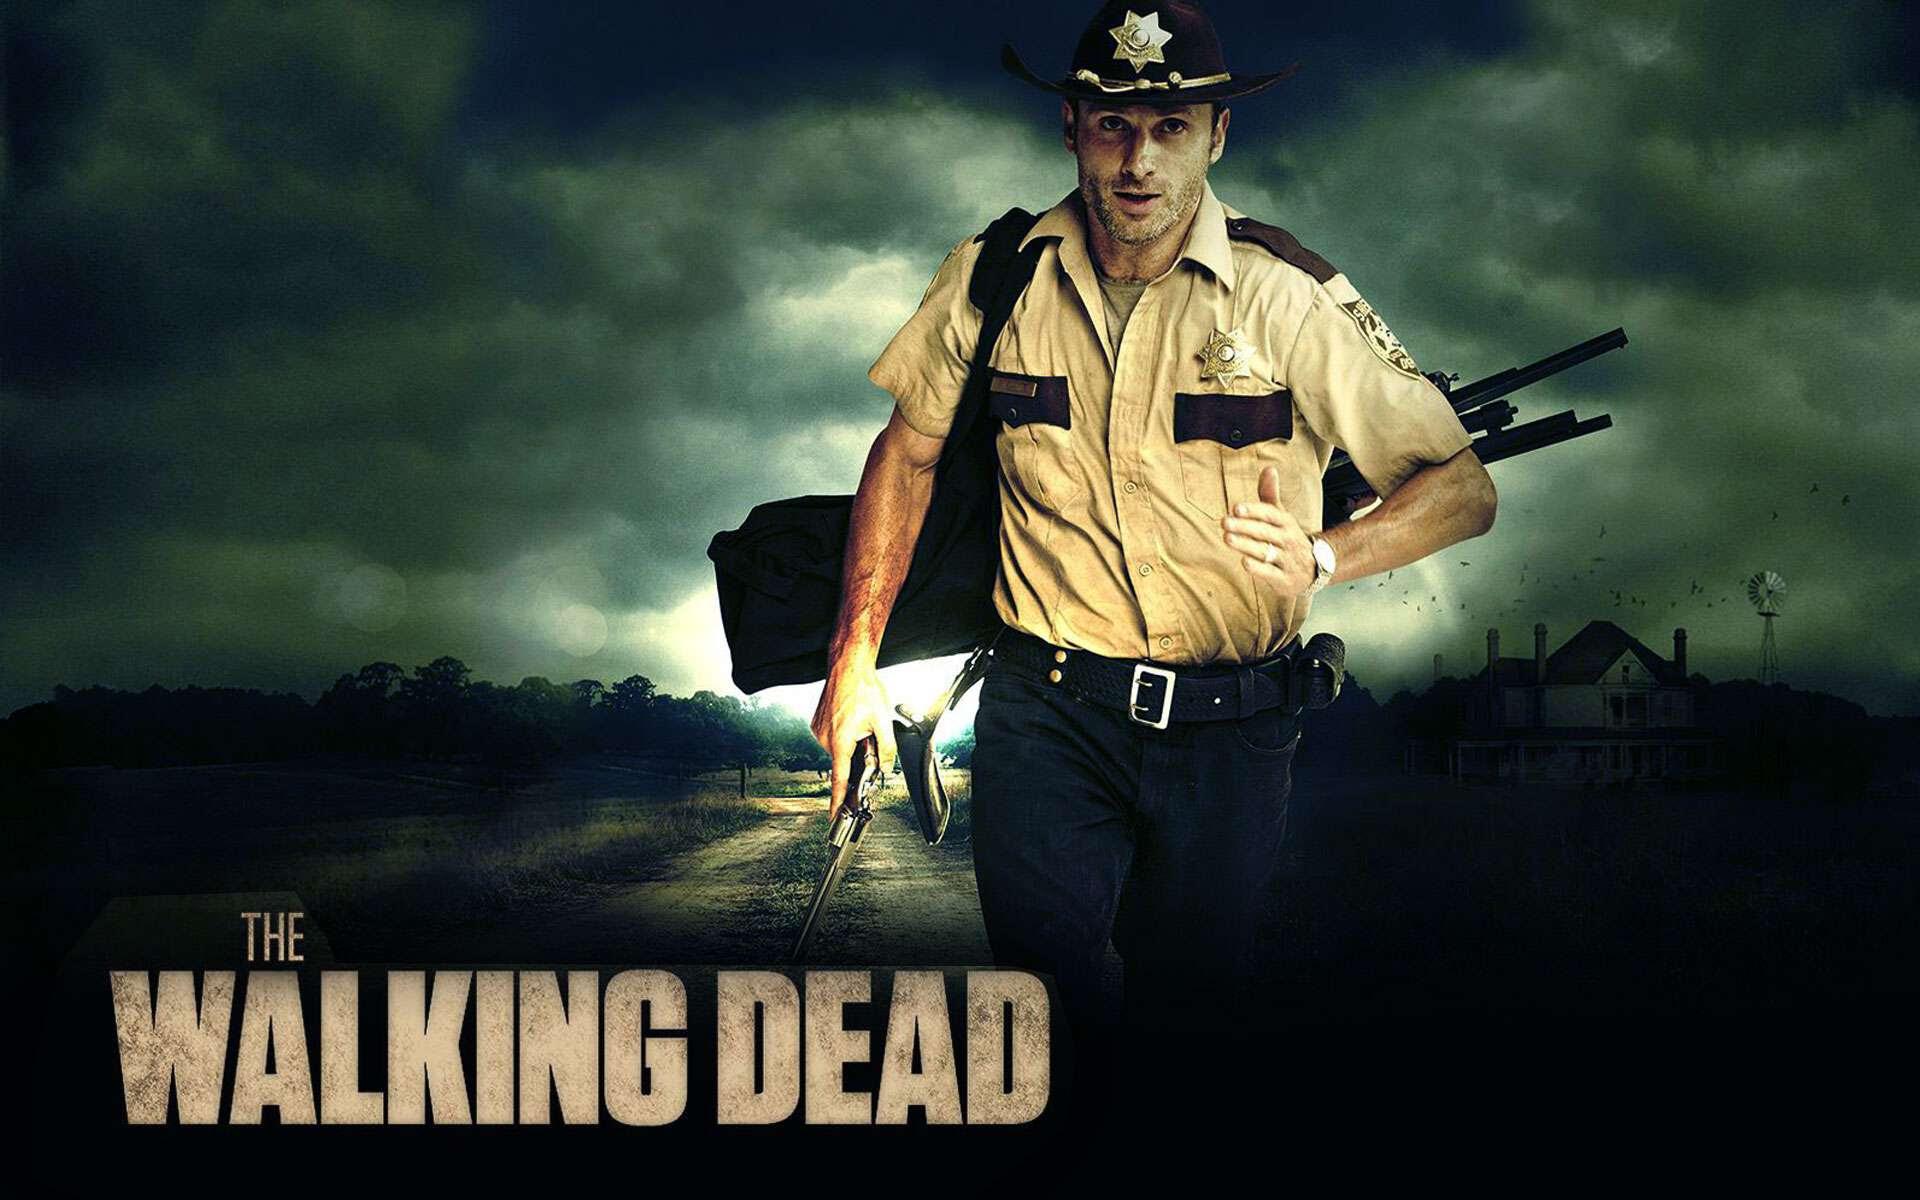 The Walking Dead Wallpaper 17